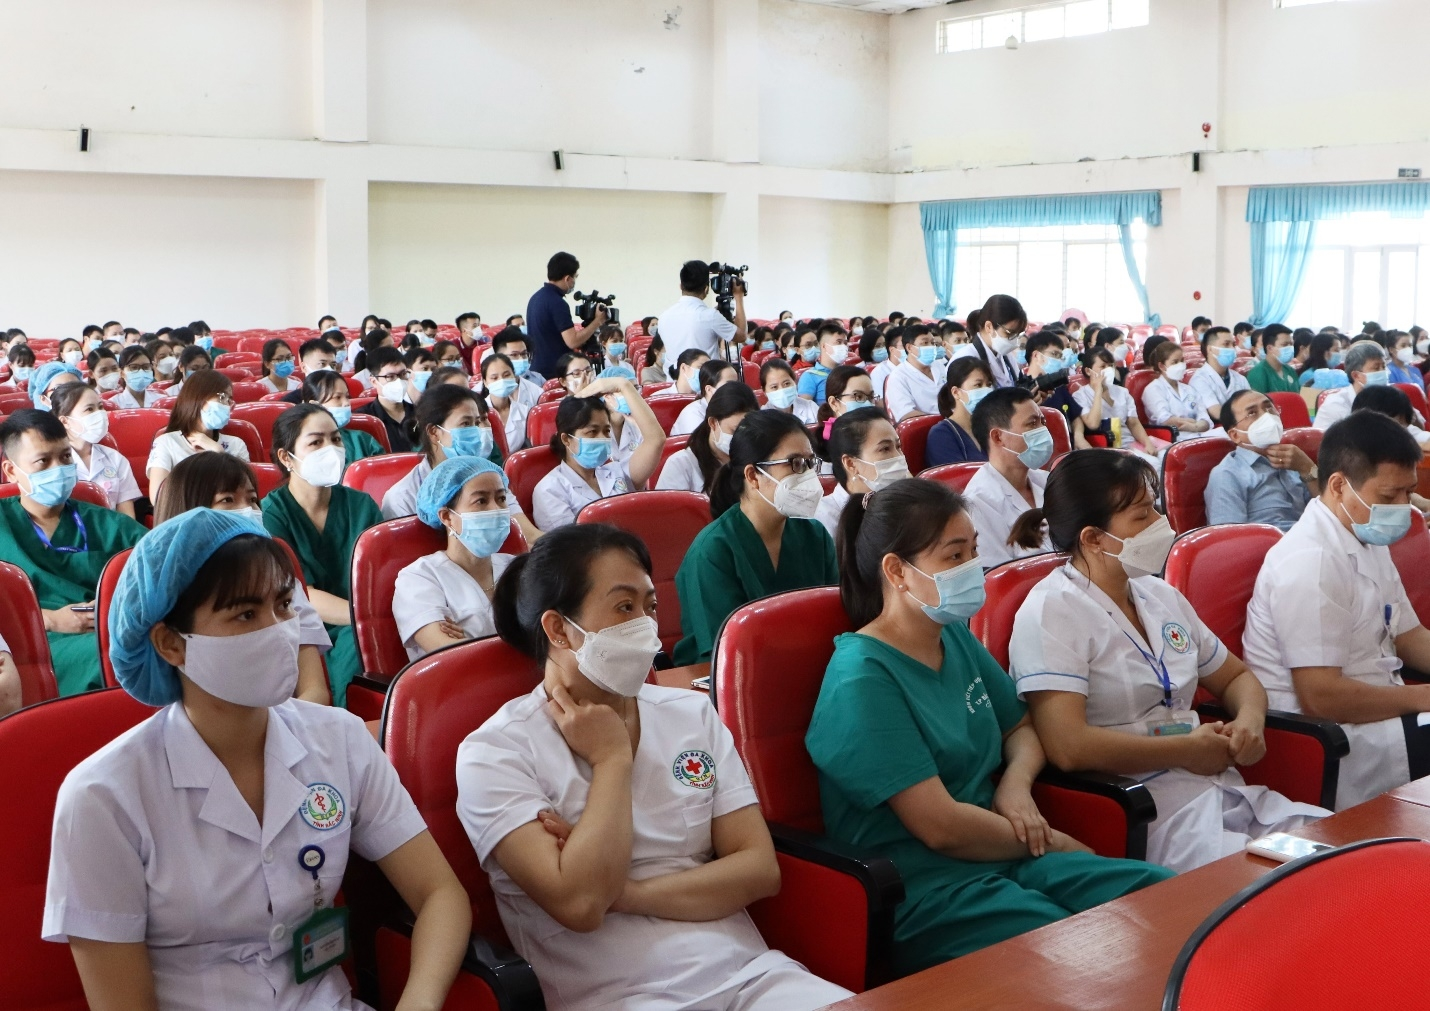 Bắc Ninh cử hơn 200 cán bộ, y, bác sỹ hỗ trợ thành phố Hà Nội phòng, chống dịch Covid-19